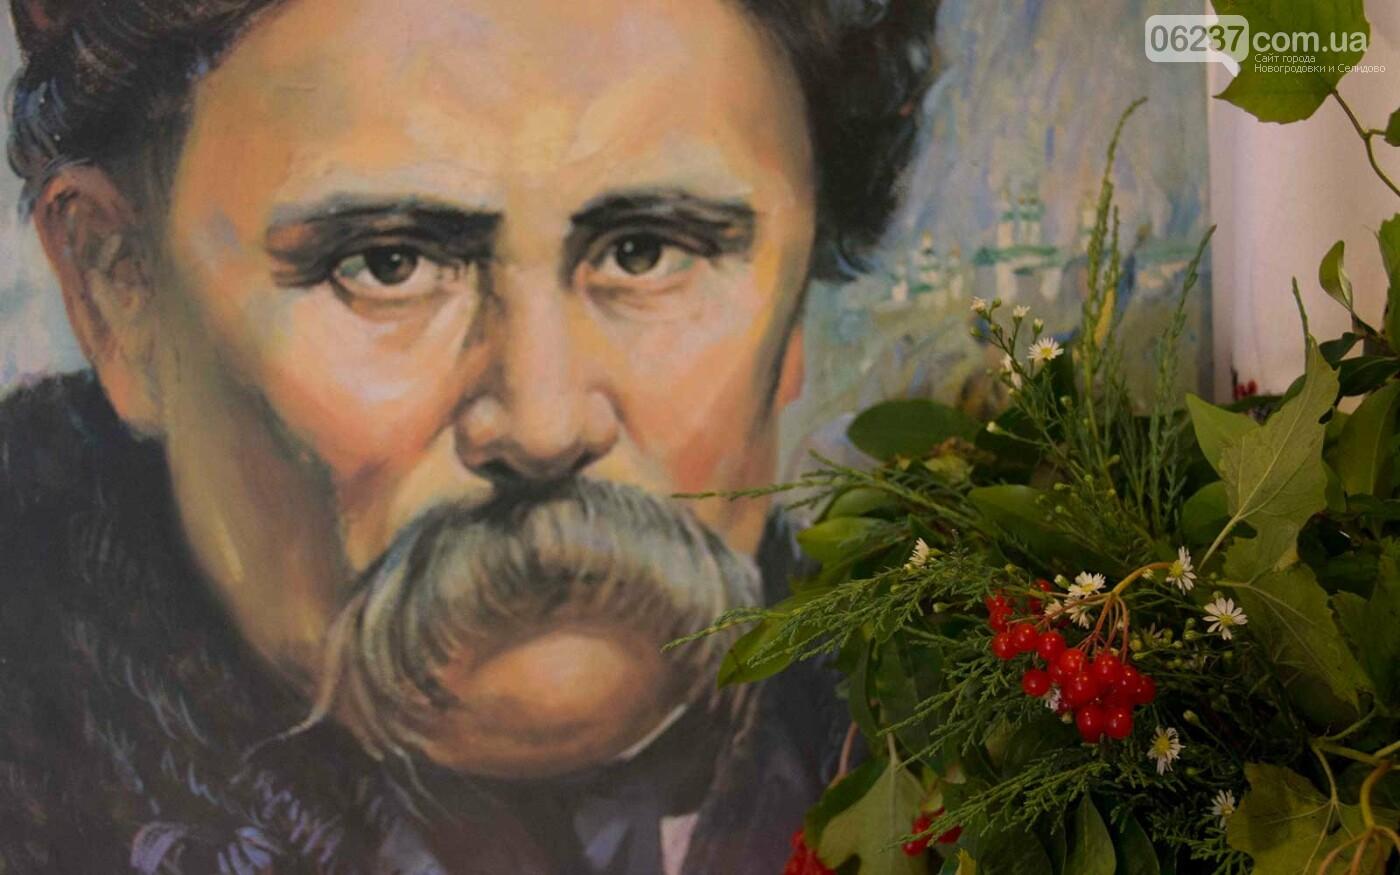 Виставка репродукцій картин Тараса Шевченка запрацювала у Новогродівці, фото-1